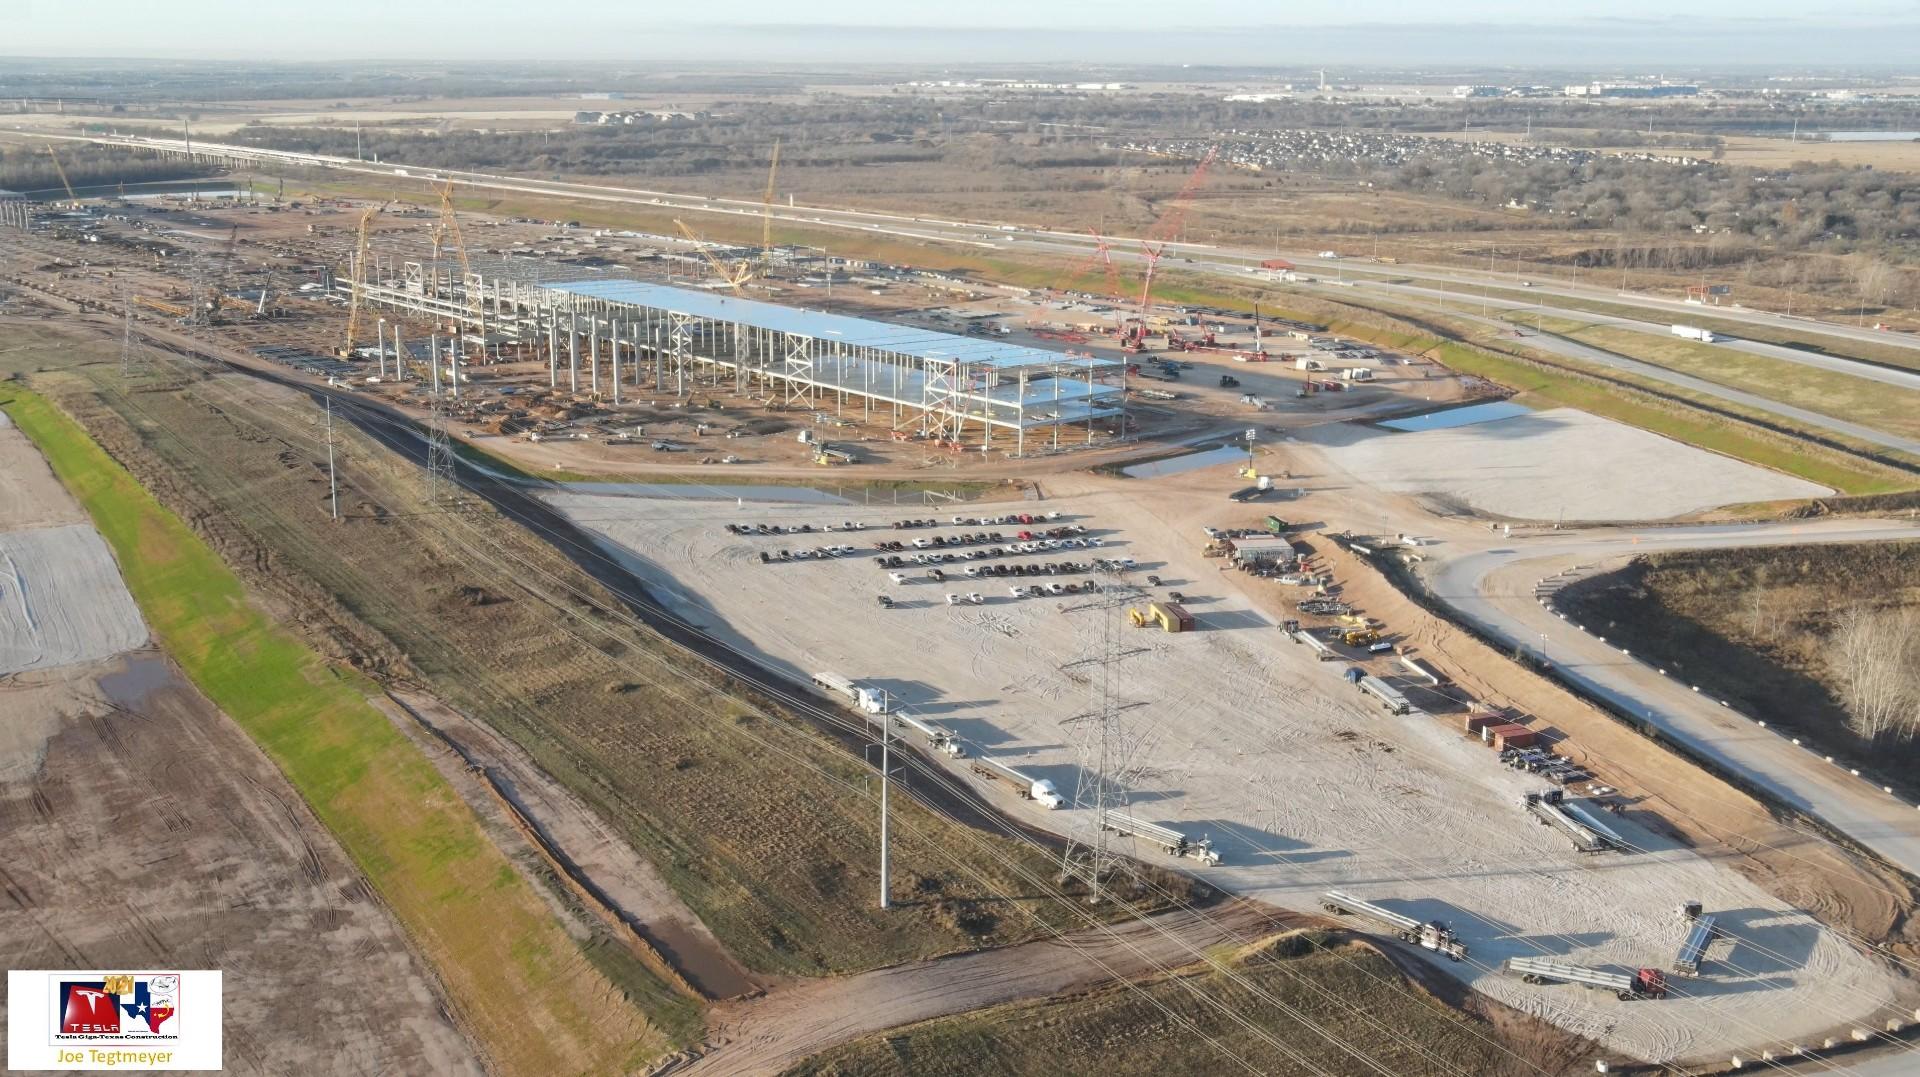 Президент Tesla Automotive рассказал об открытии вакансий по производству аккумуляторов в Gigafactory Texas